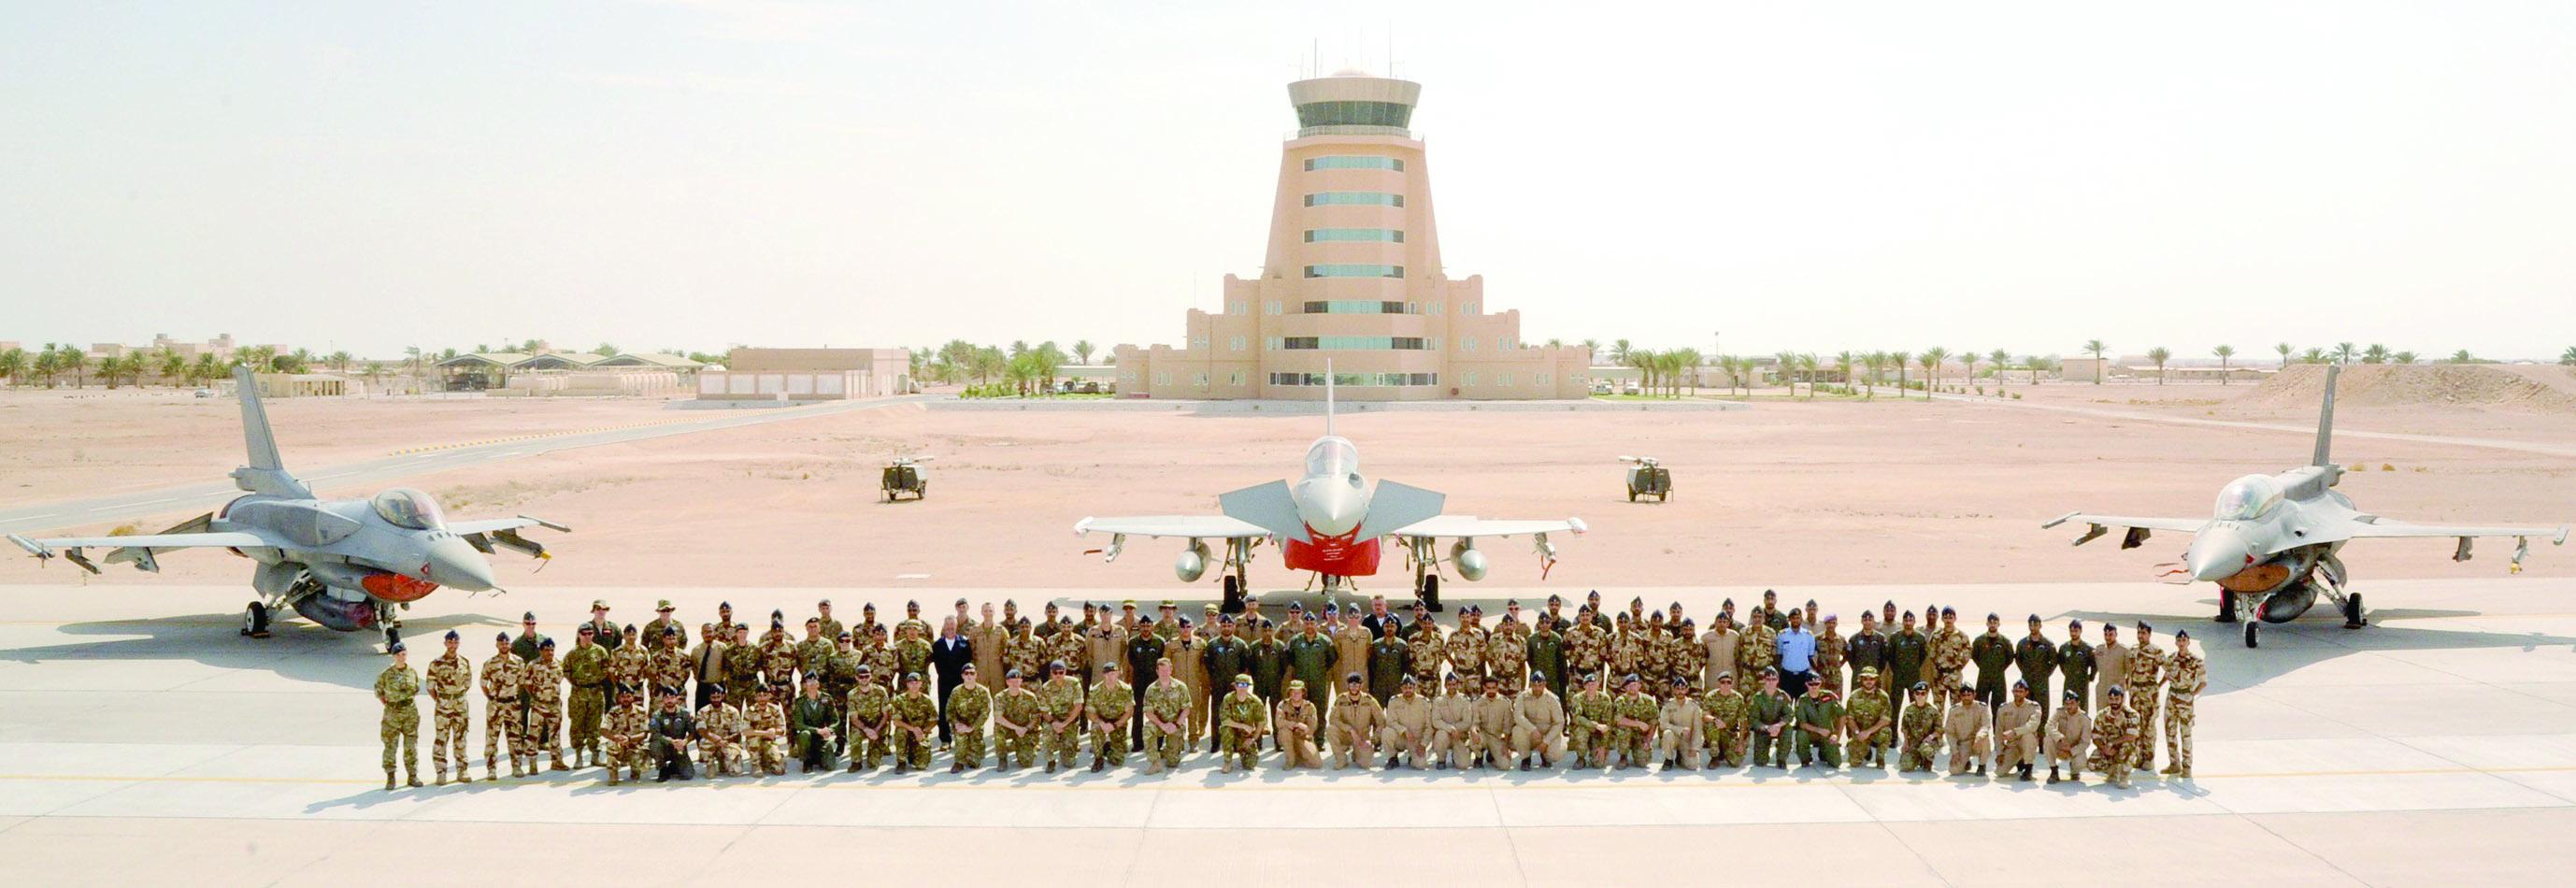 تمرين عسكري عماني مع بريطانيا وأمريكا